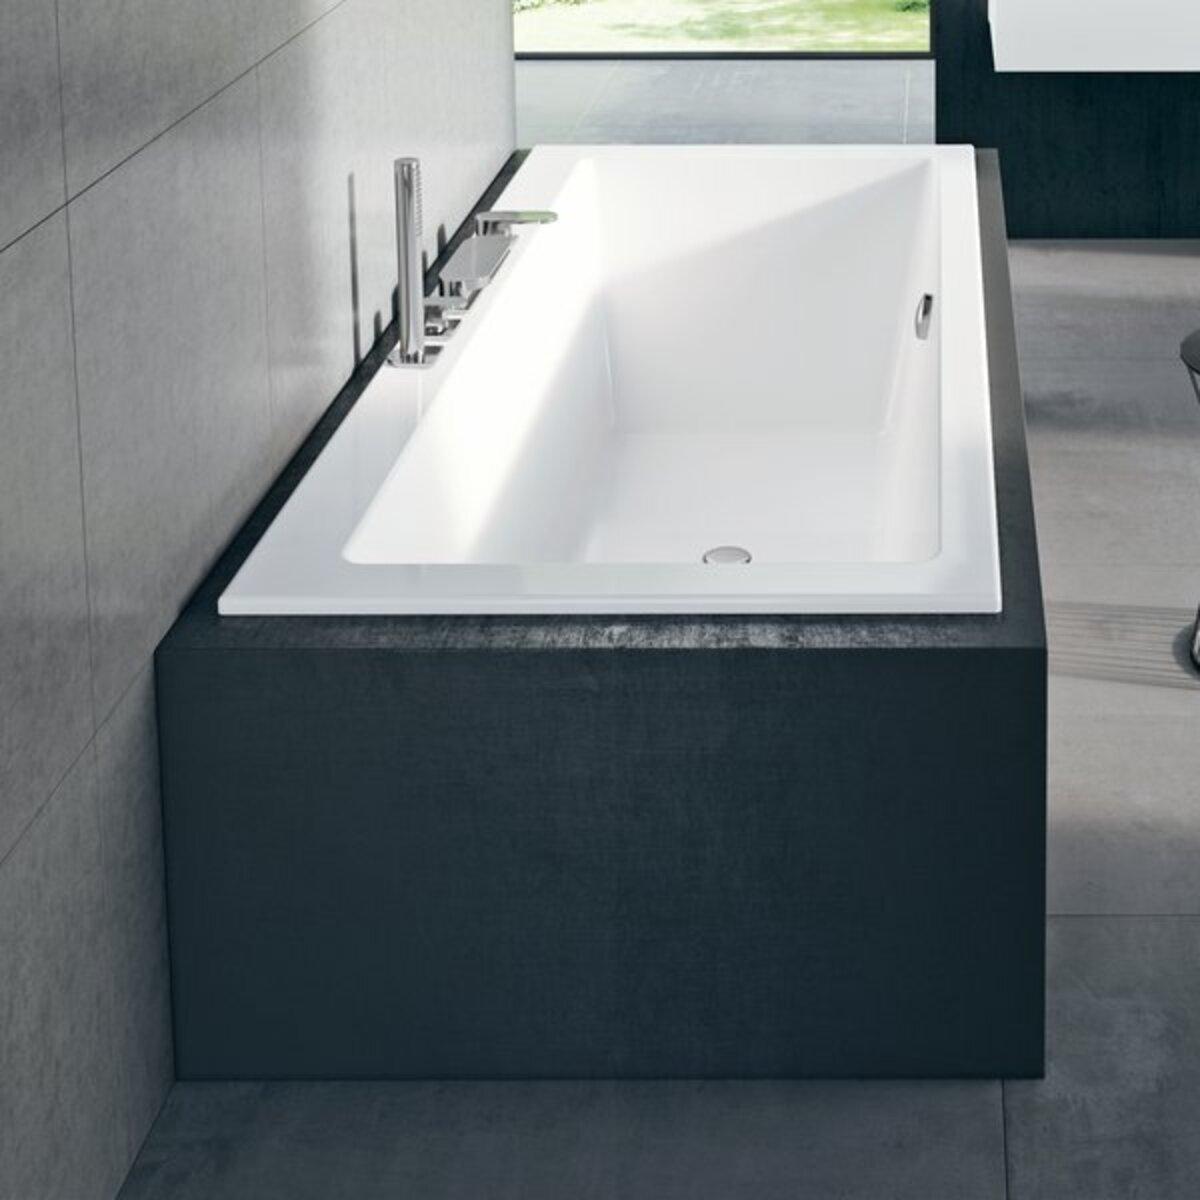 Акриловая прямоугольная ванна Ravak FORMY 01 SLIM 180x75 см C881300000